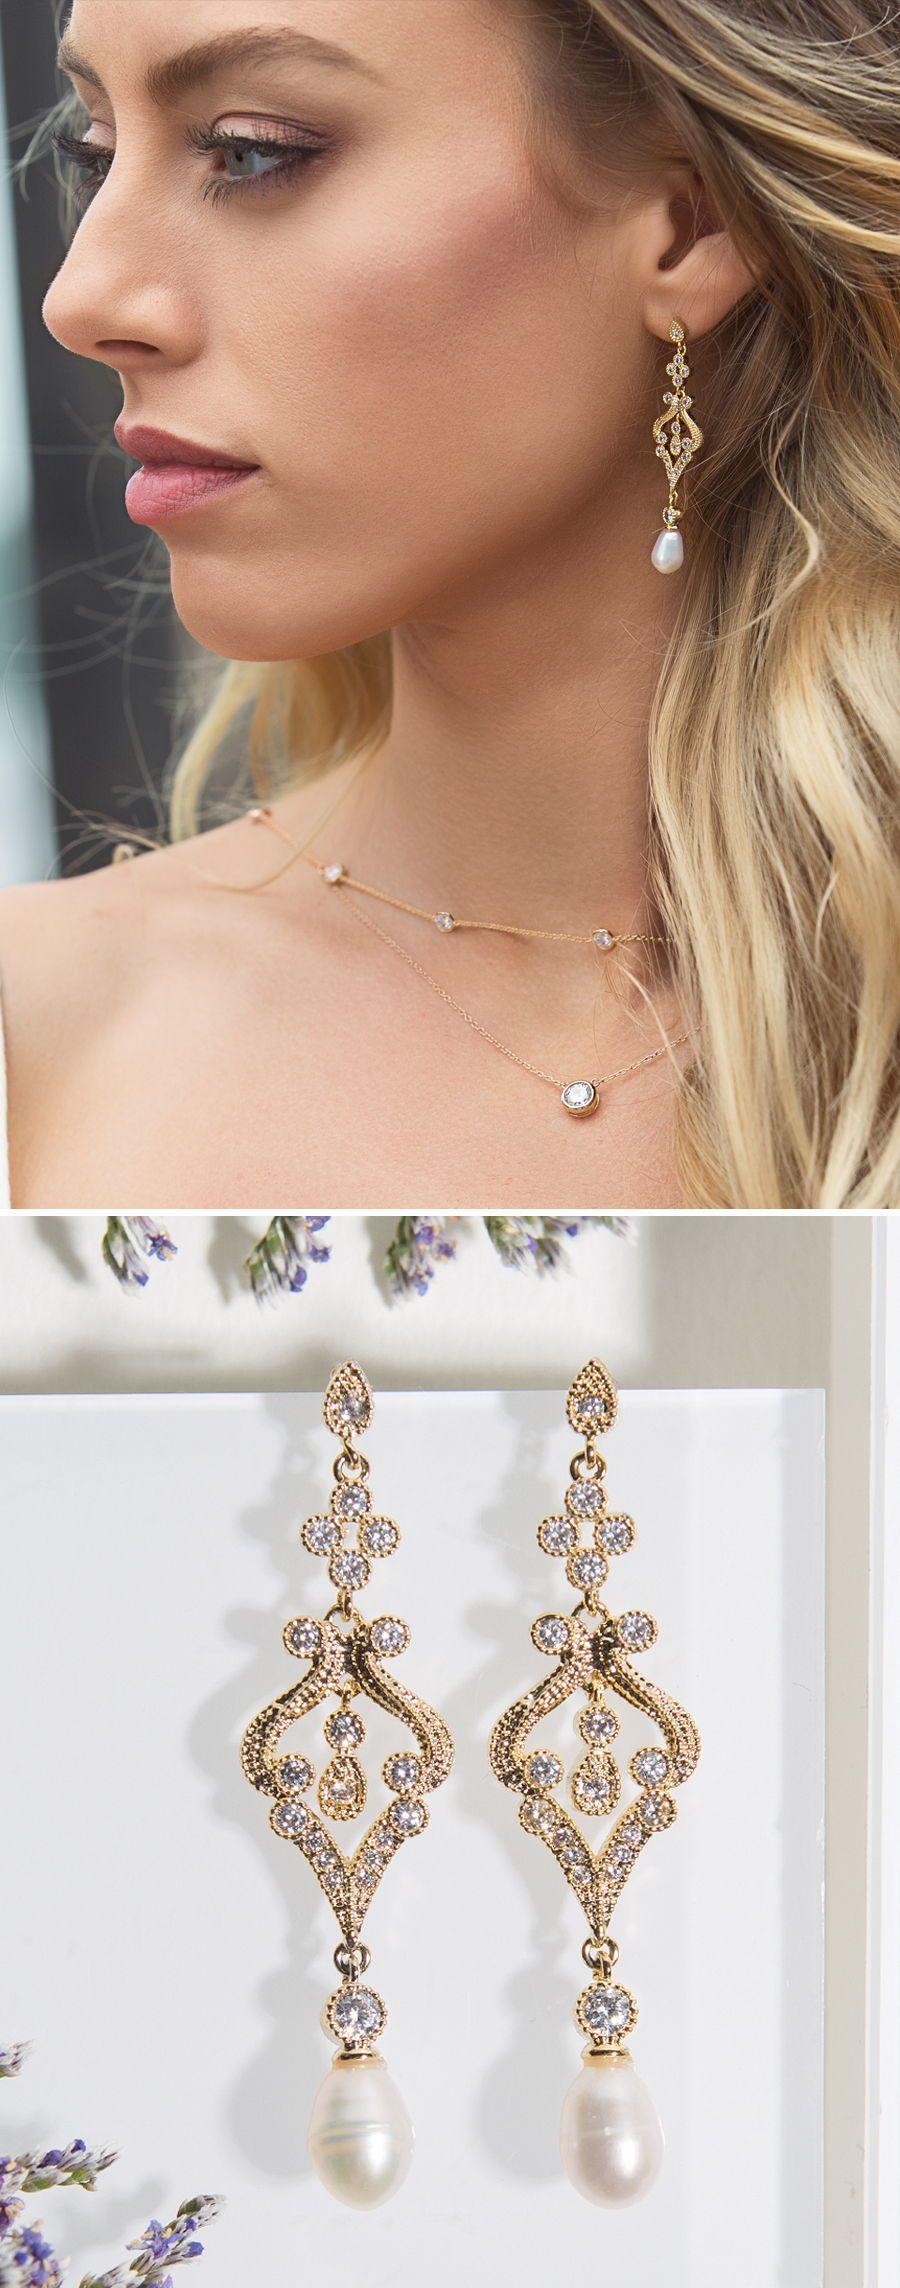 Bride is wearing gold pearl drop earrings